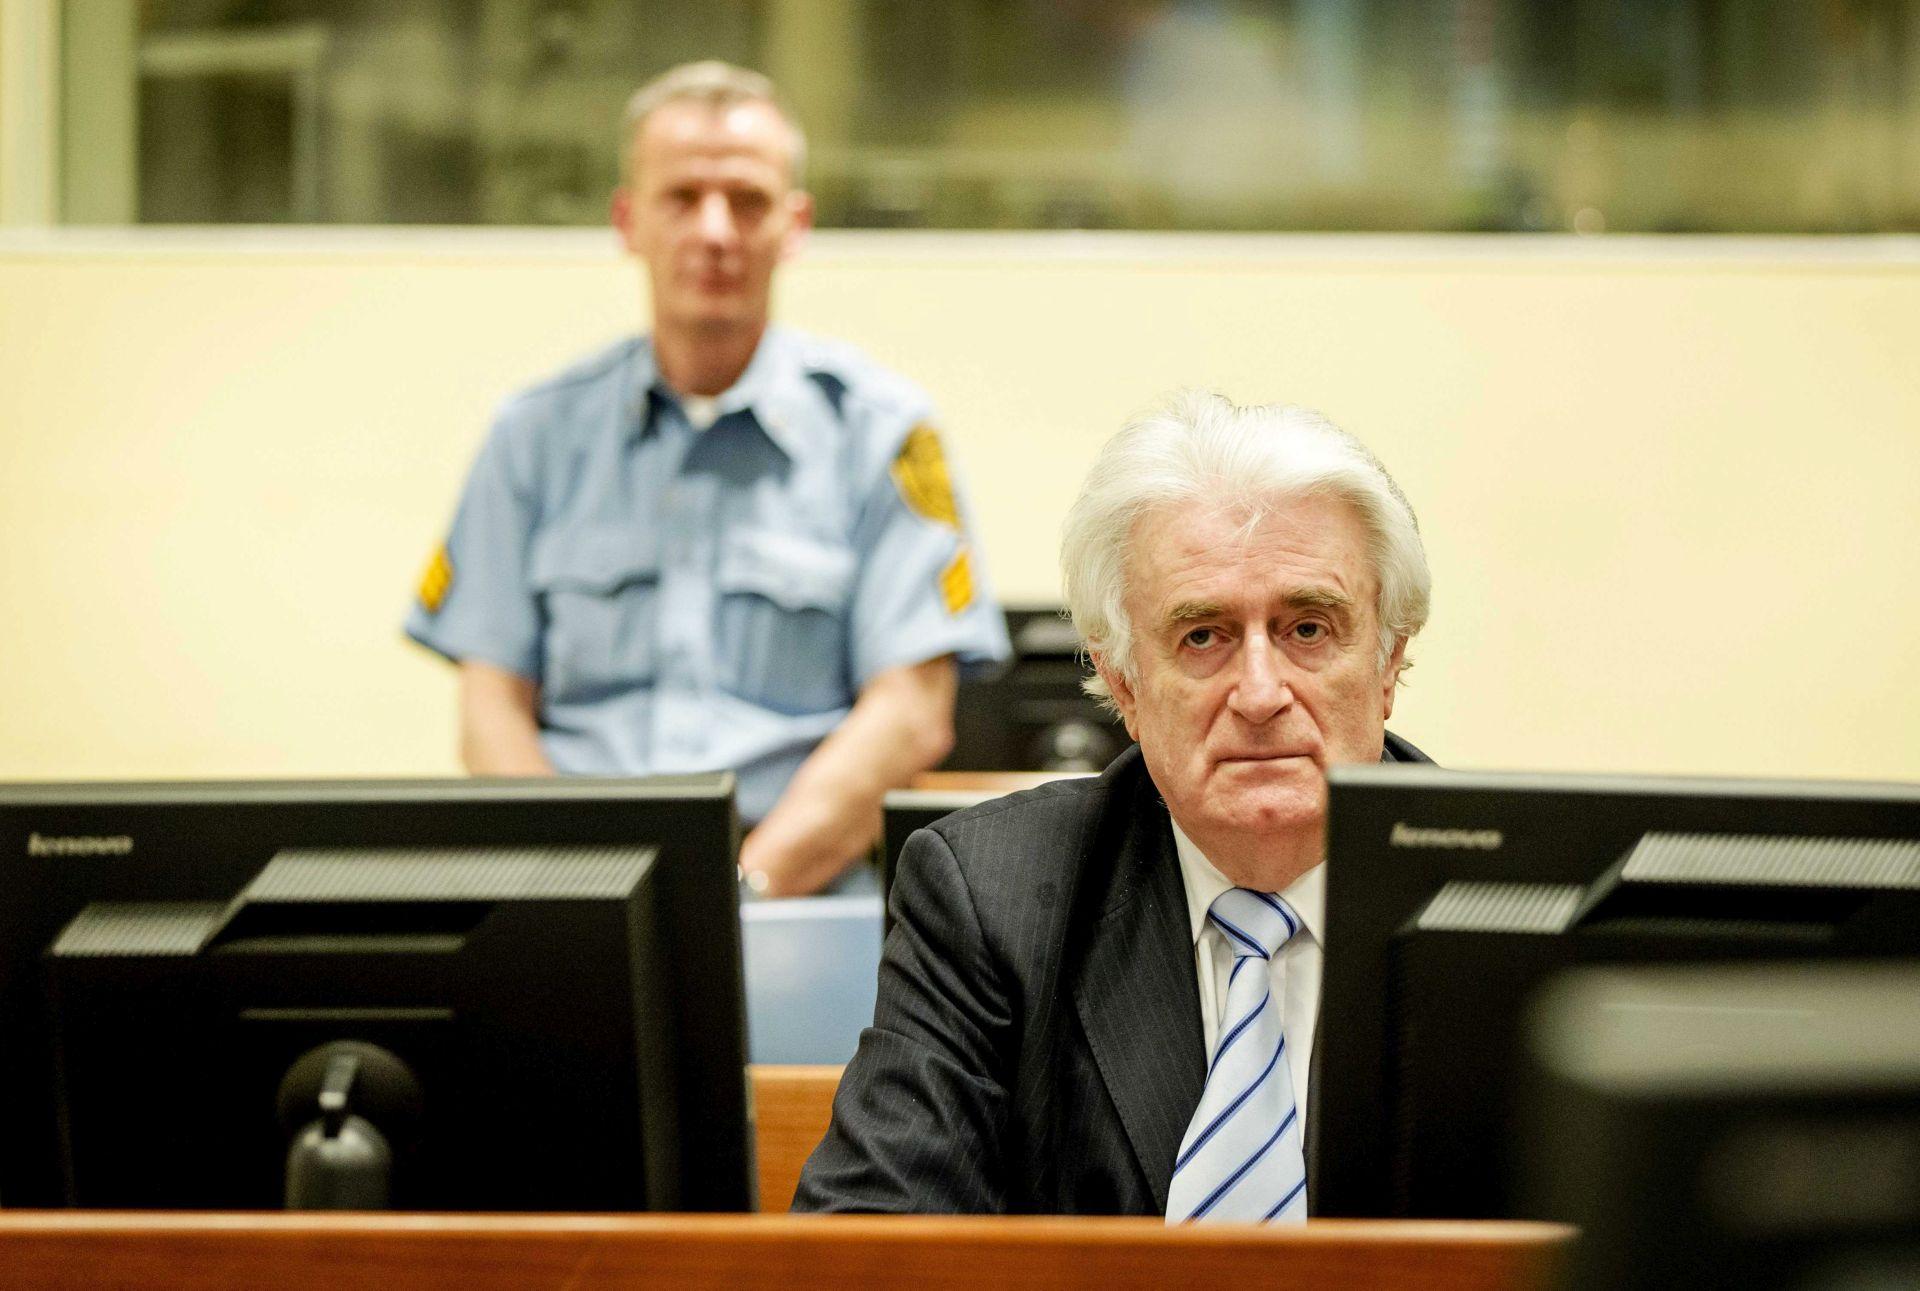 Slučaj Karadžić: žalbeni postupak 23. i 24. travnja